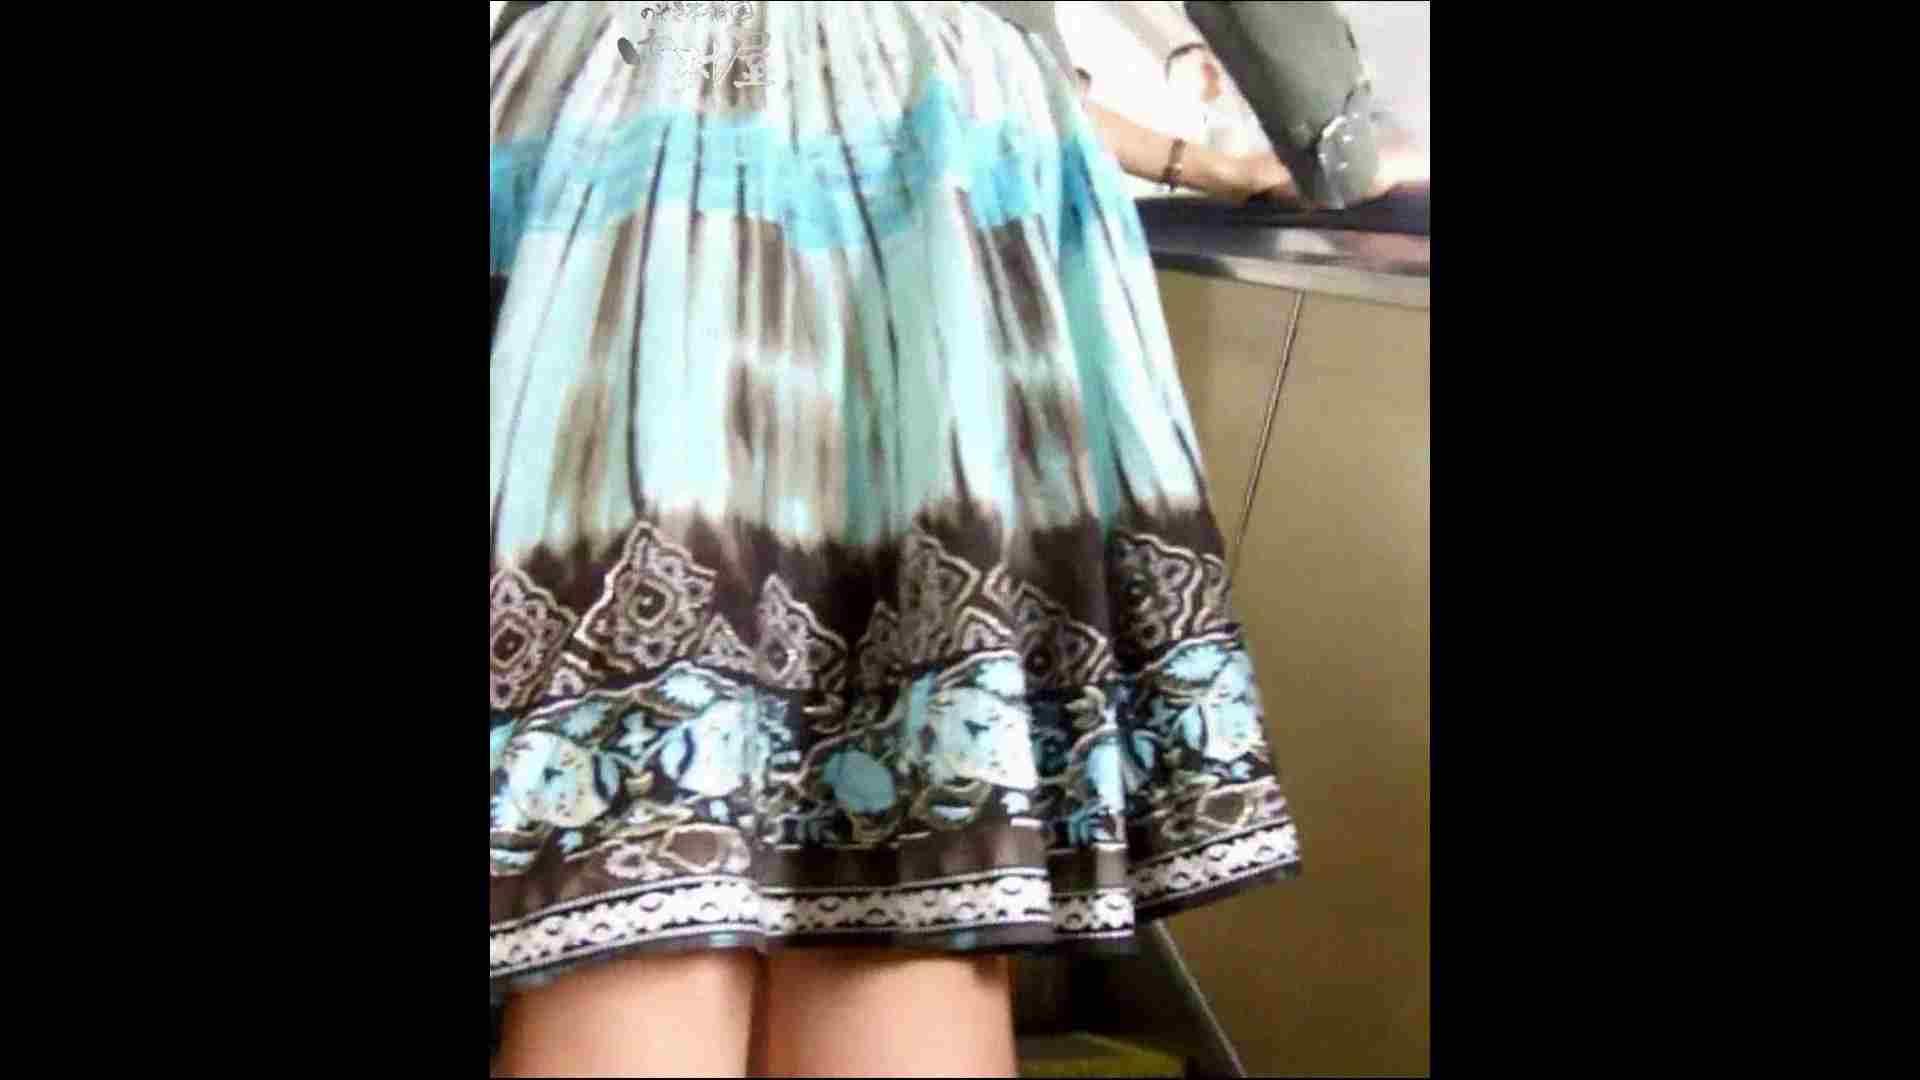 綺麗なモデルさんのスカート捲っちゃおう‼ vol20 エロいお姉さん  9枚 6